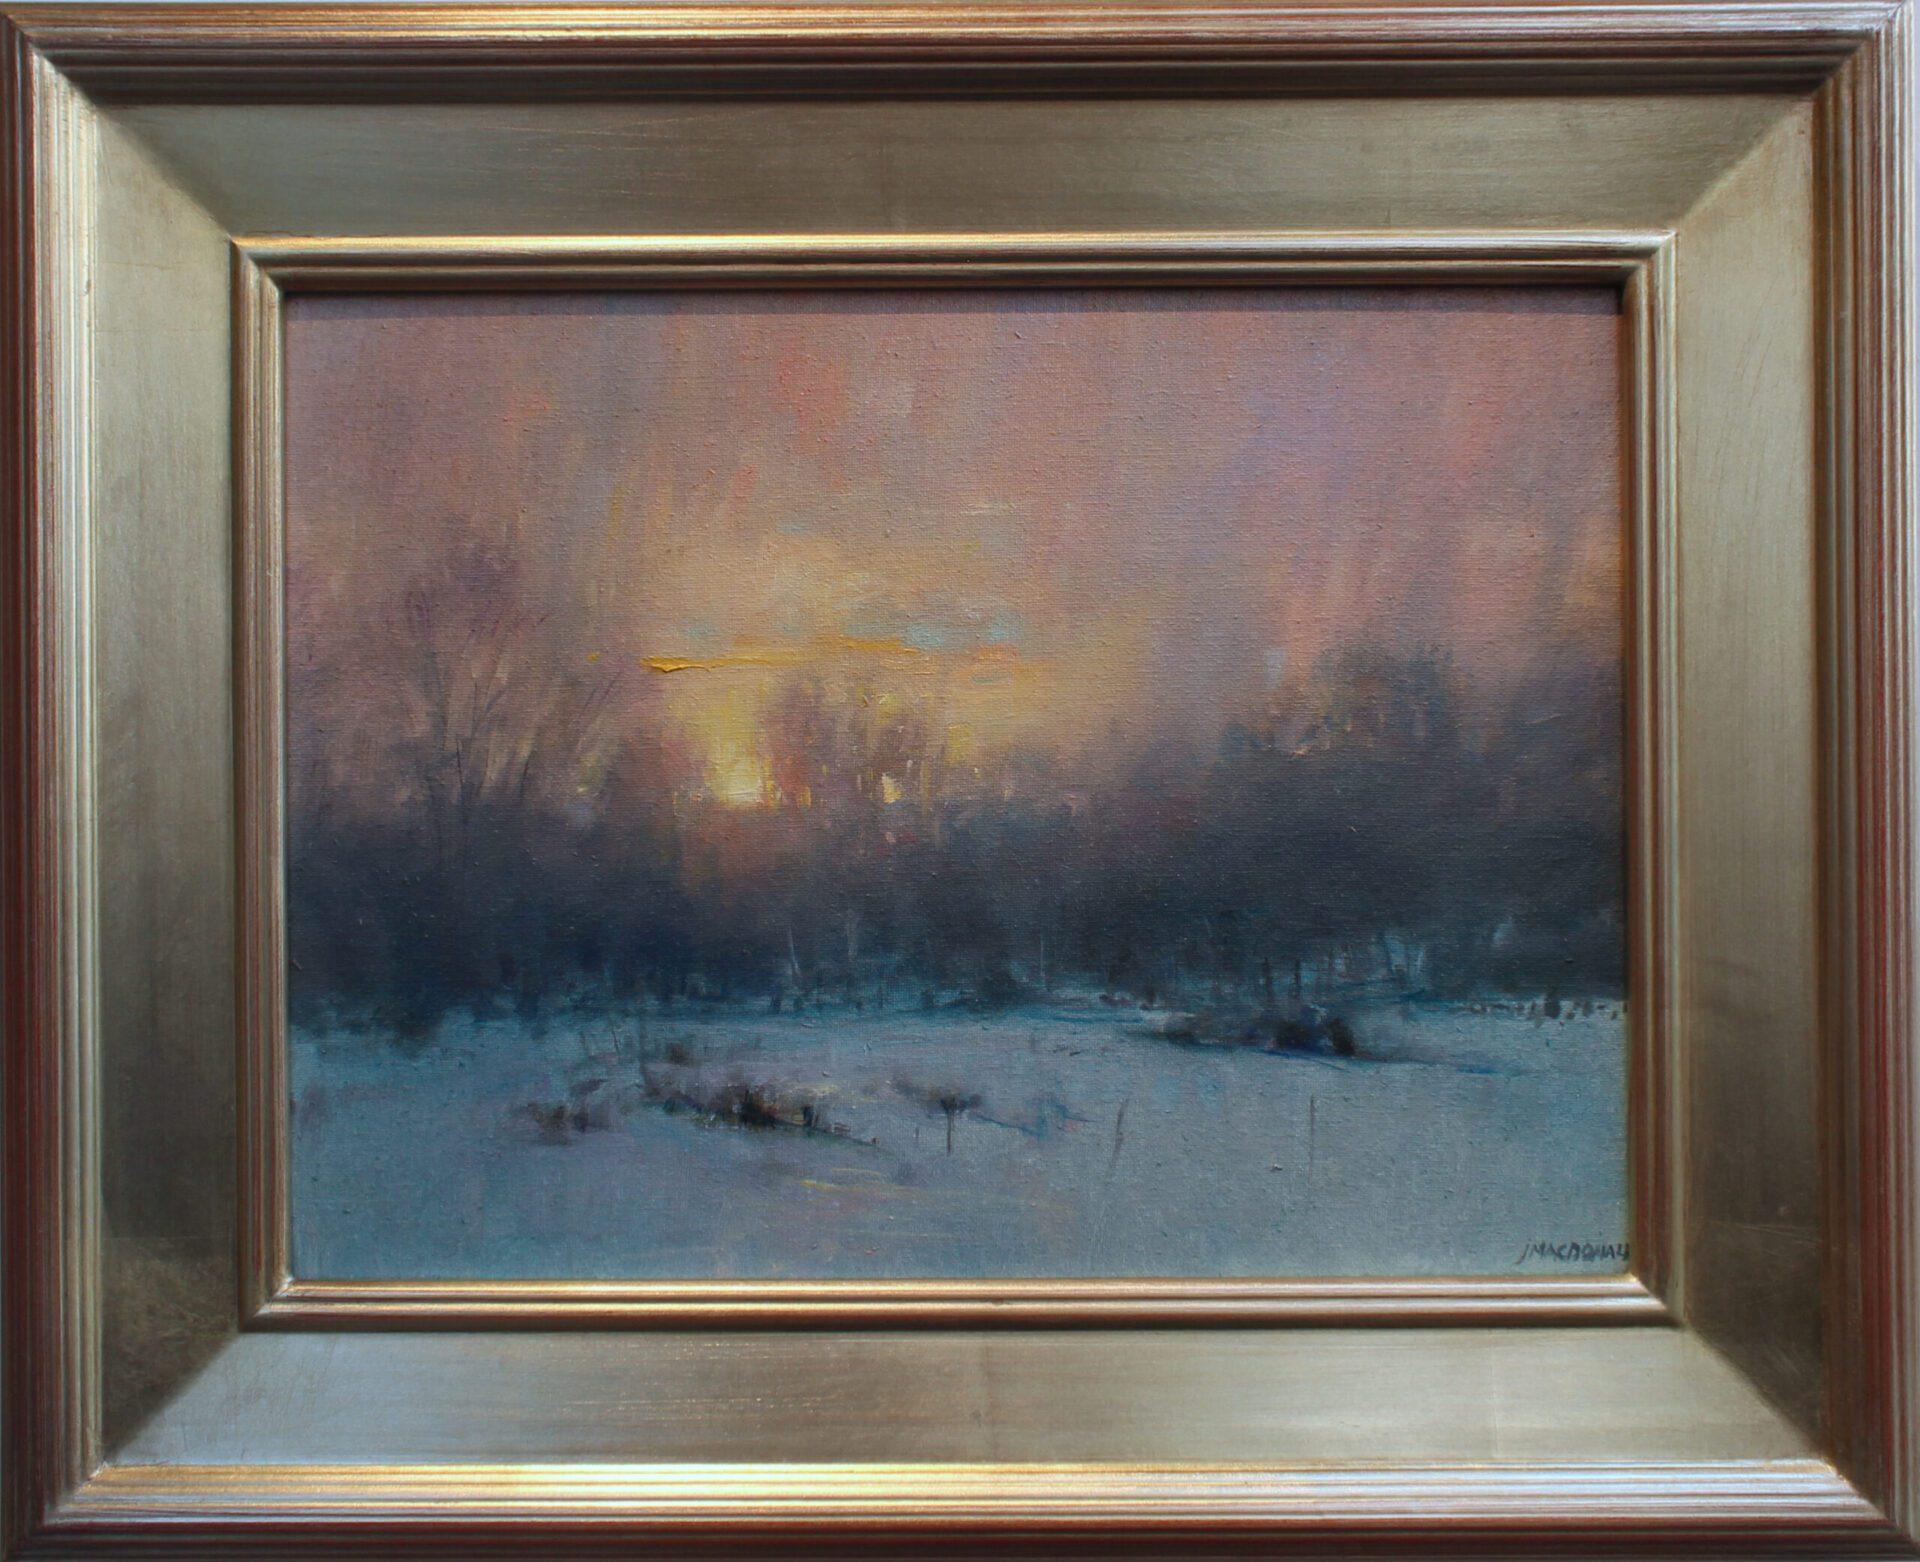 MacDonald_Sunset_Flurries_12x16_Frame